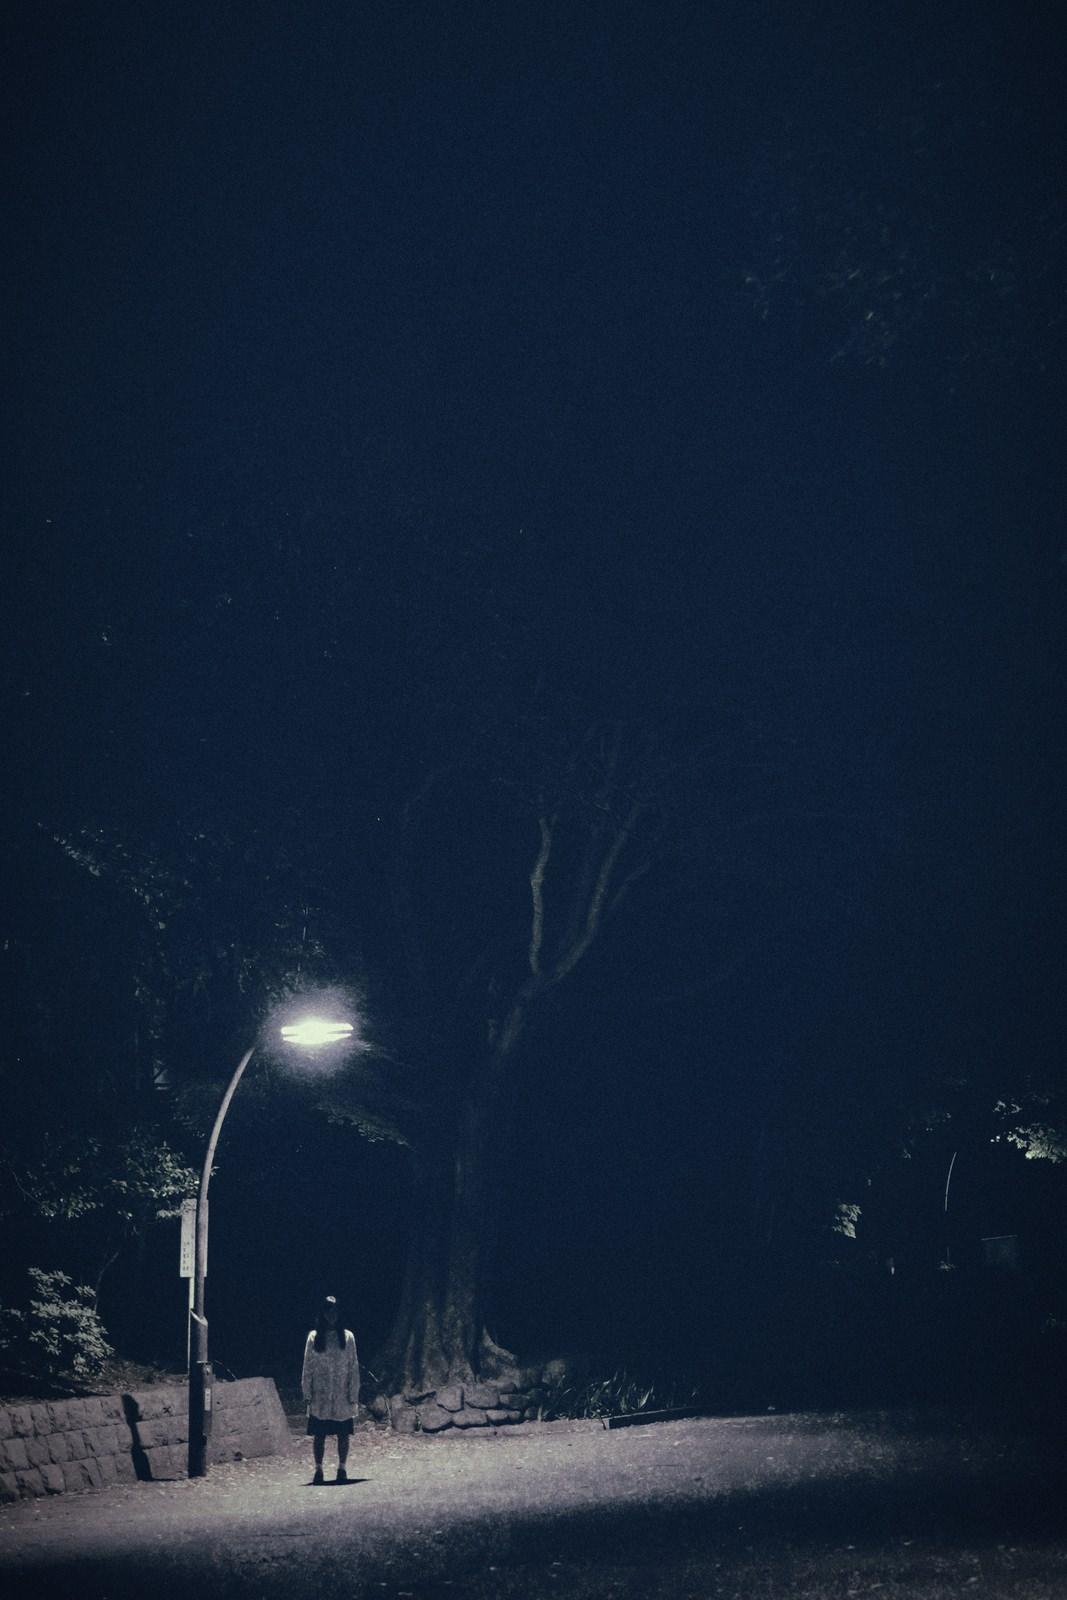 街灯下の女街灯下の女